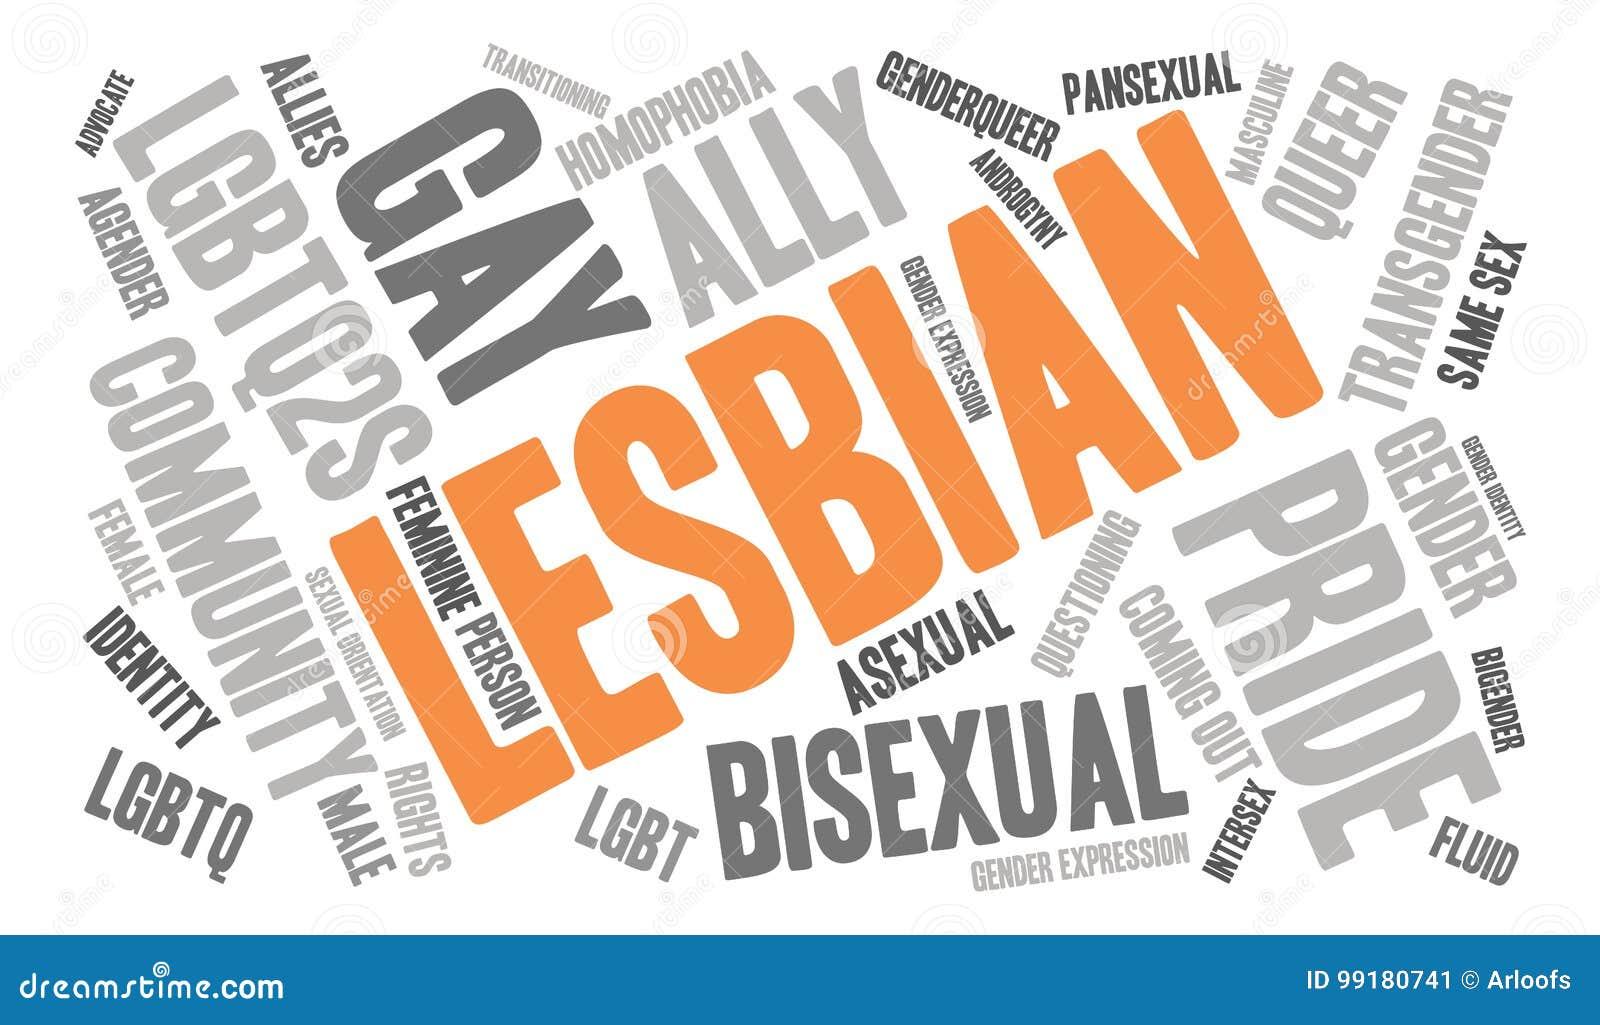 Nero femme lesbiche